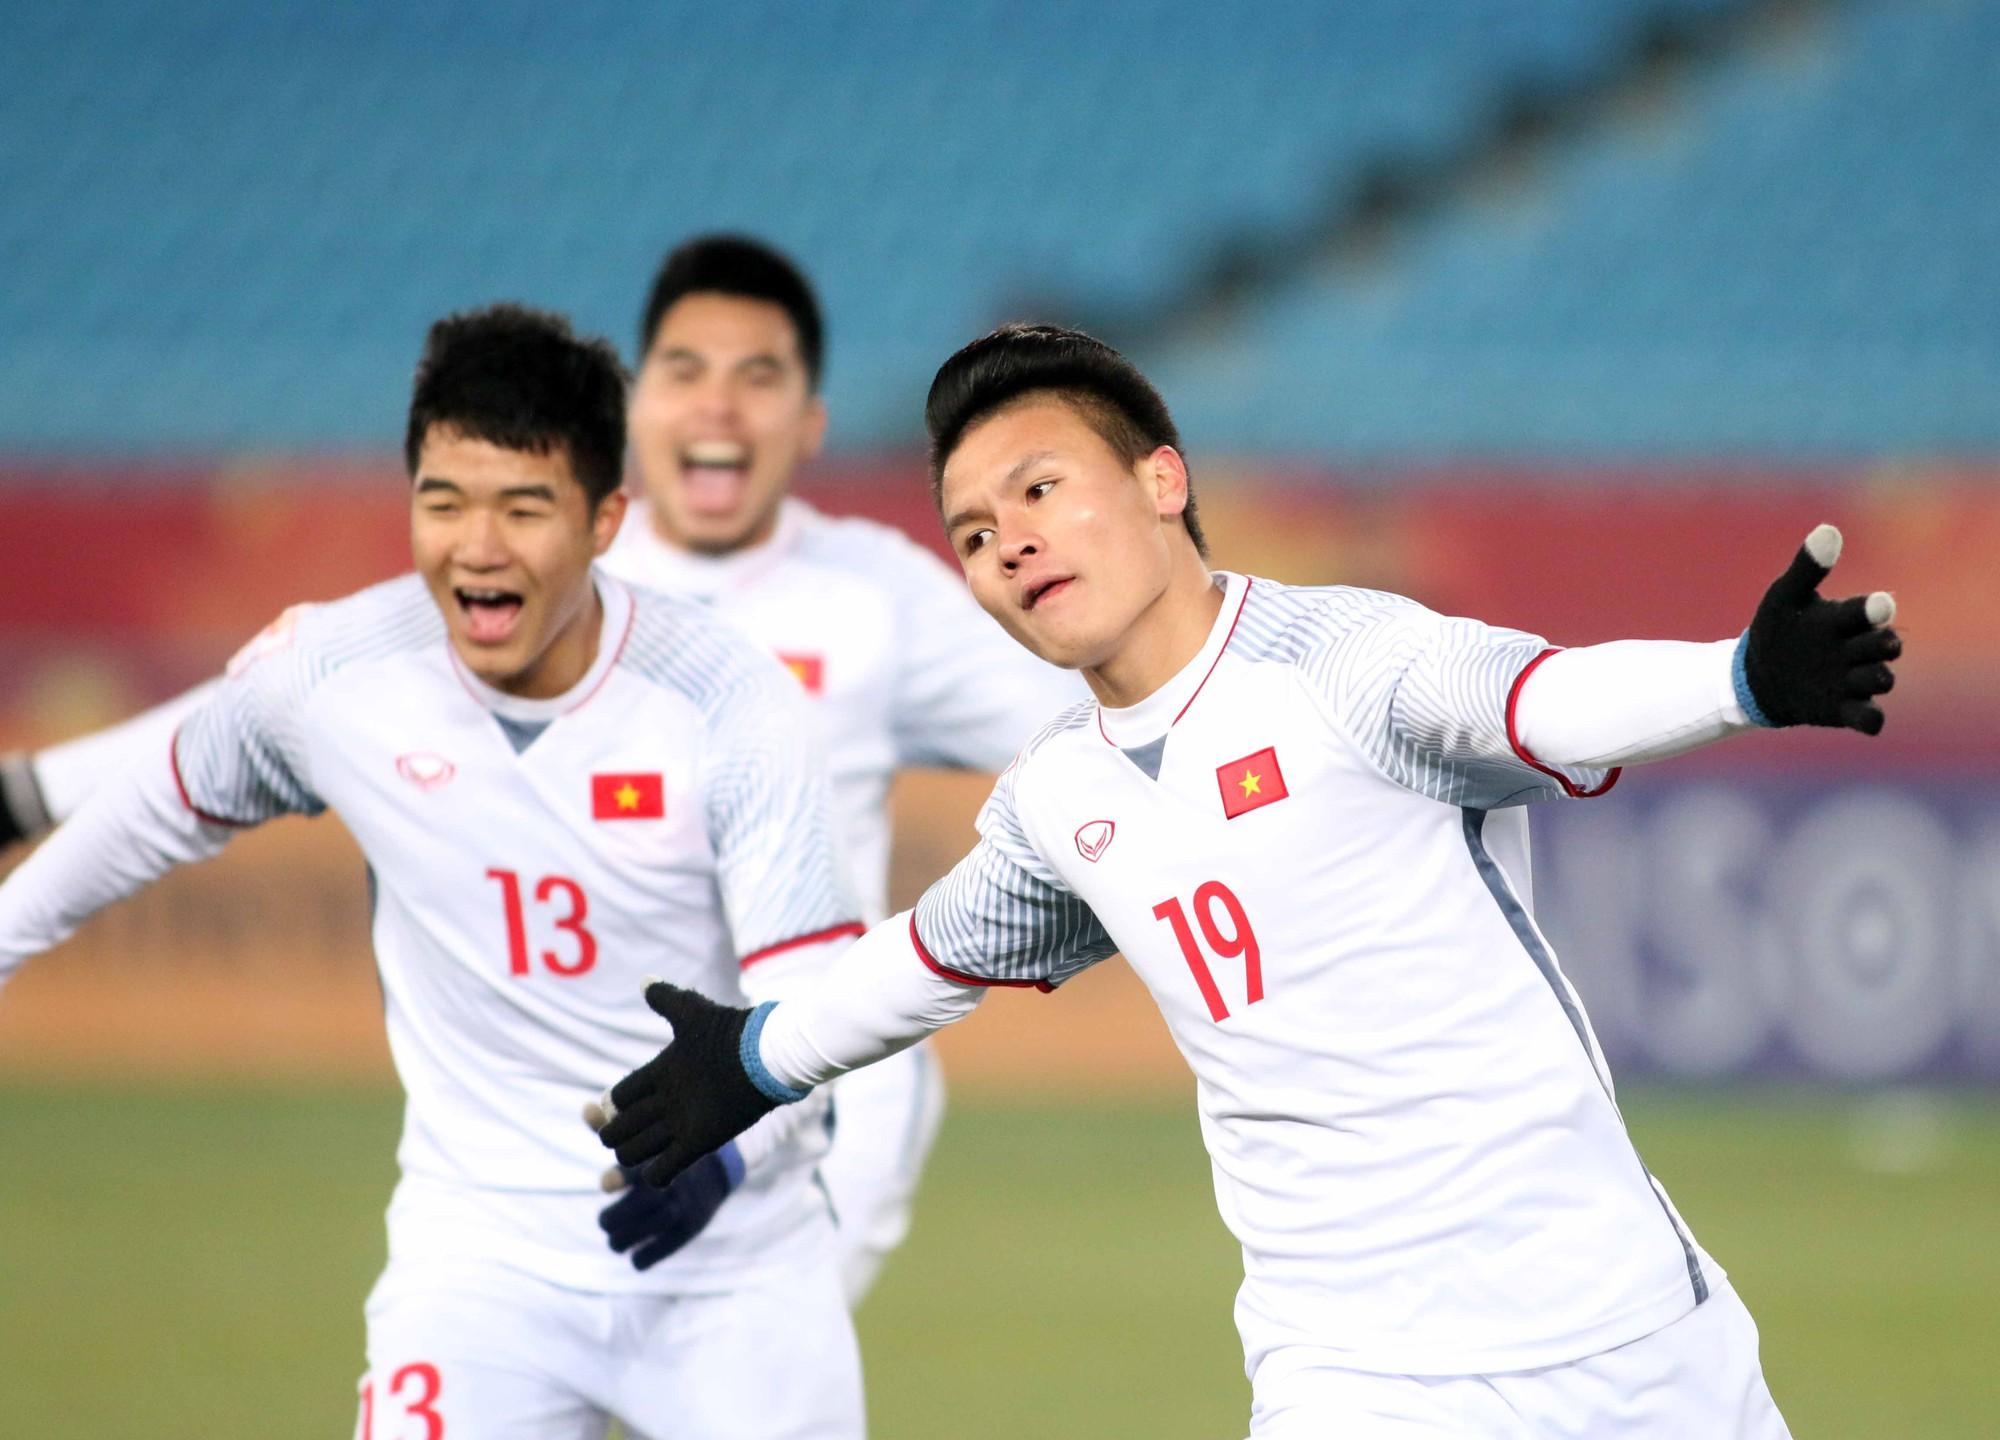 Hình ảnh: Thể lực của các cầu thủ U23 Việt Nam khiến ông Park Hang Seo hài lòng nhất.